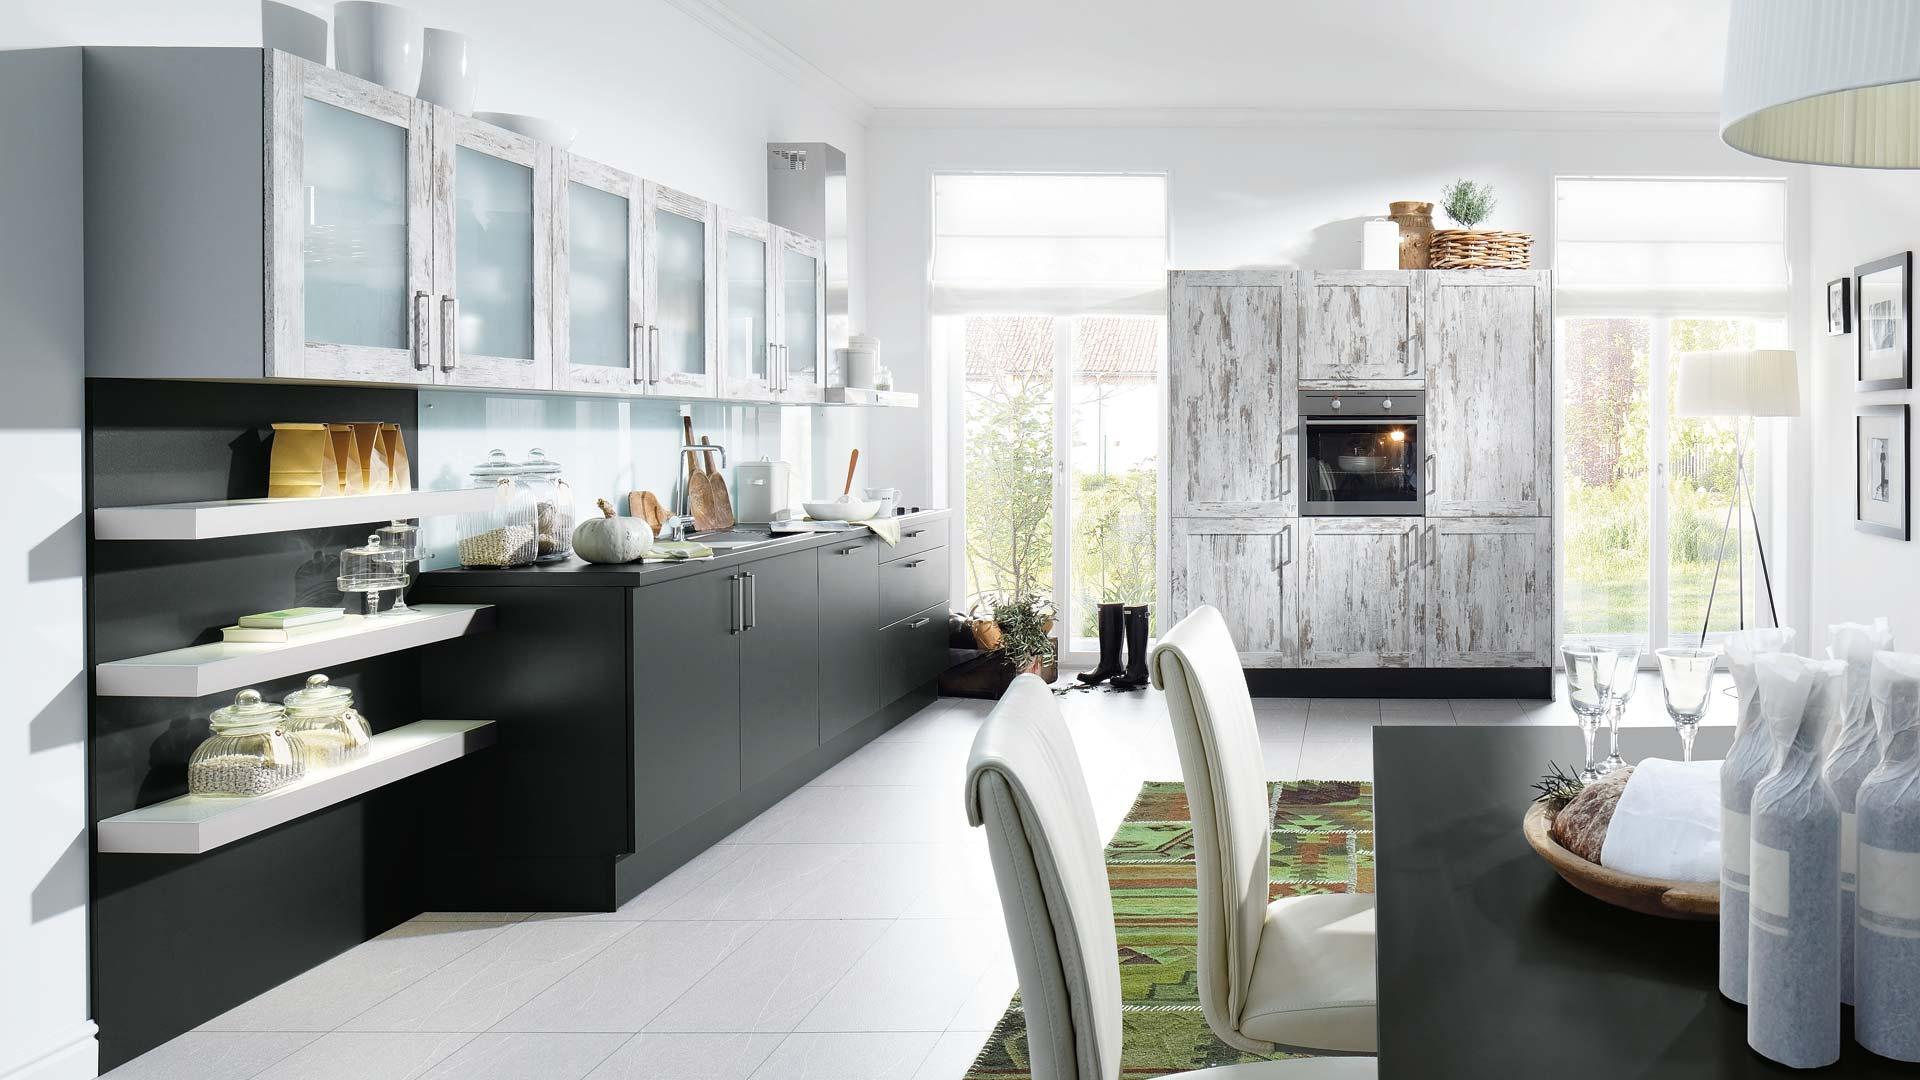 k chen voerde tische f r die k che. Black Bedroom Furniture Sets. Home Design Ideas